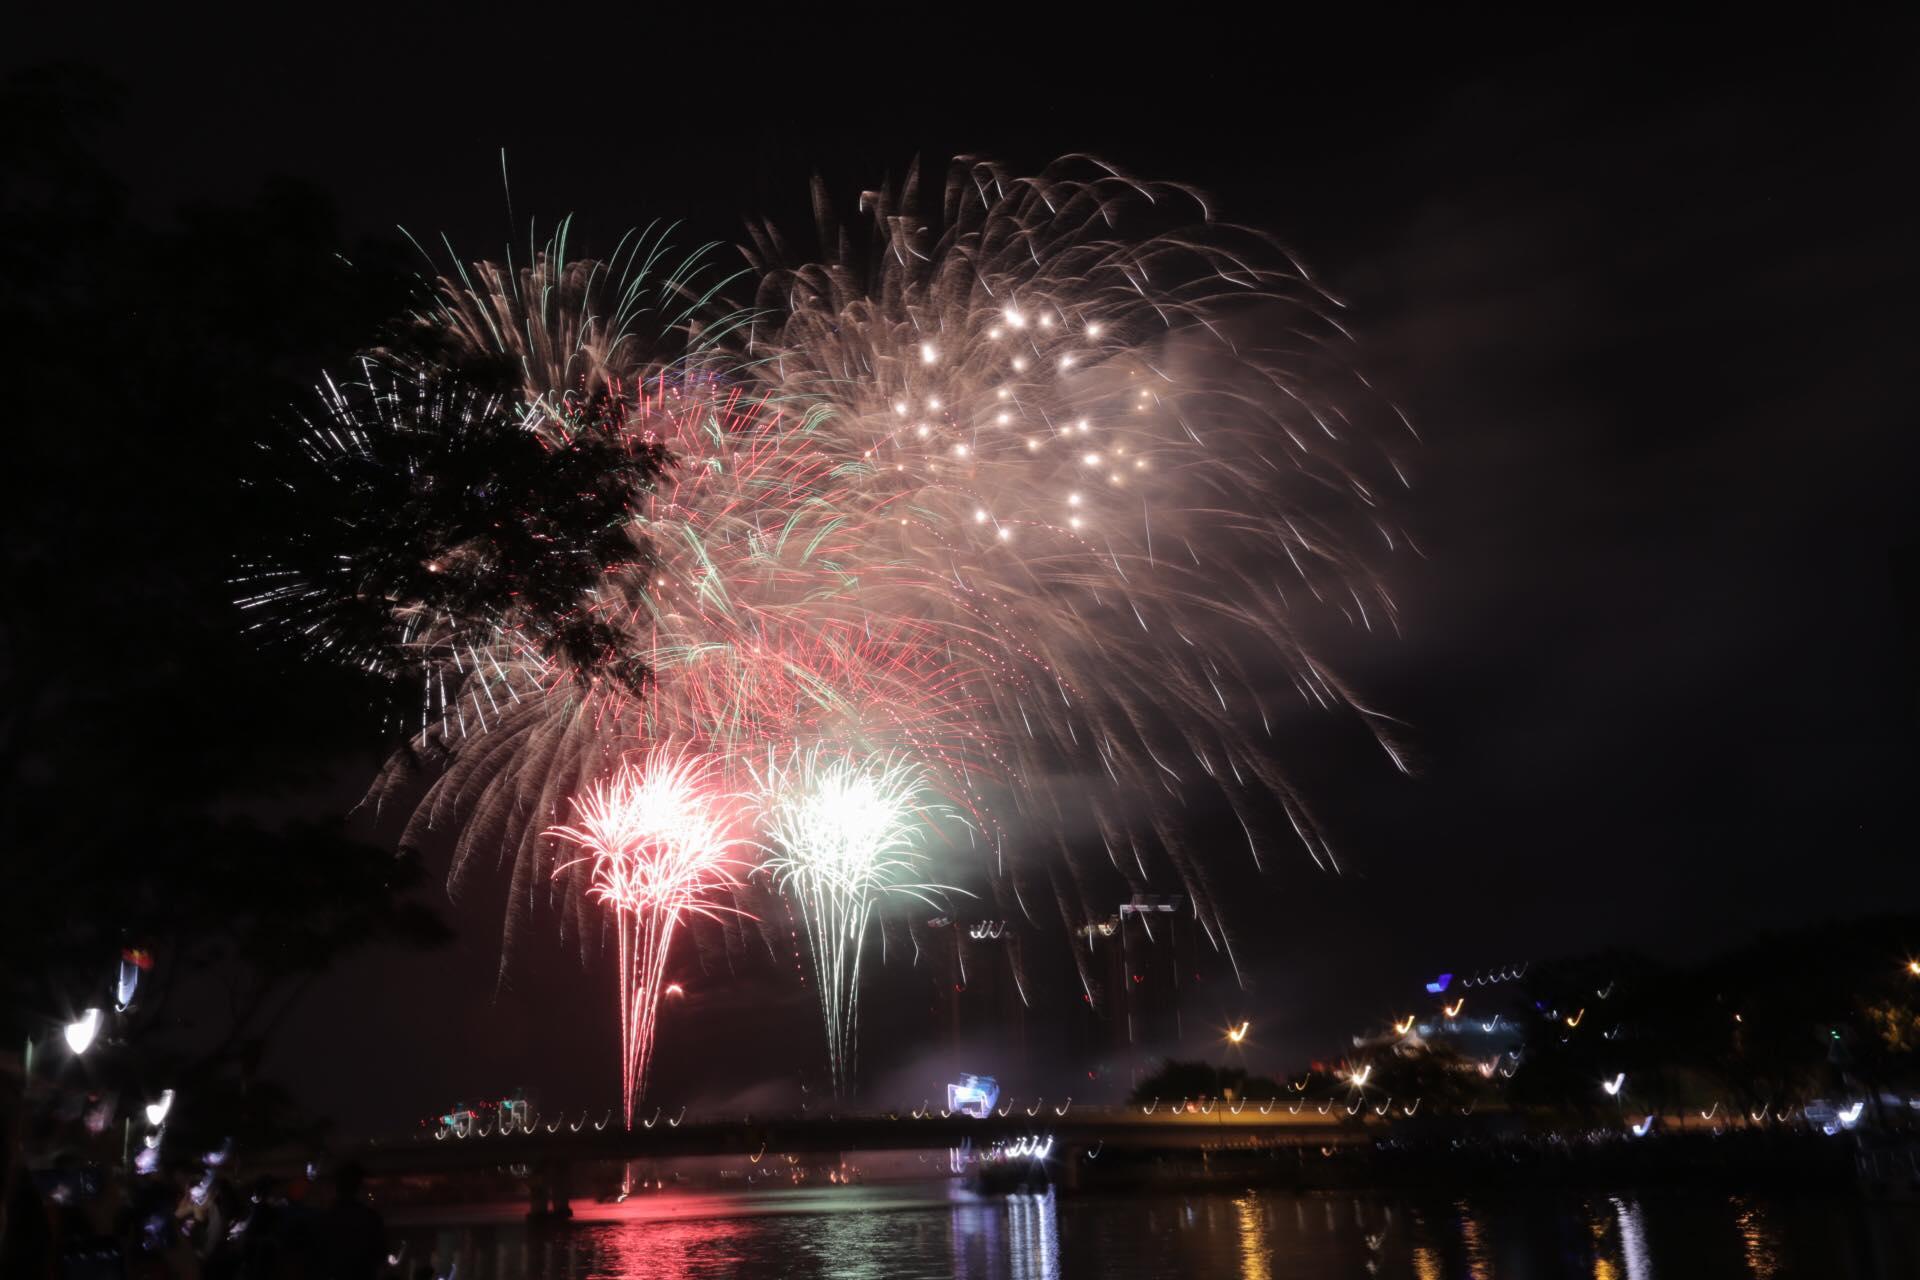 Chùm ảnh: Pháo hoa tuyệt đẹp chào đón năm 2021 - 11